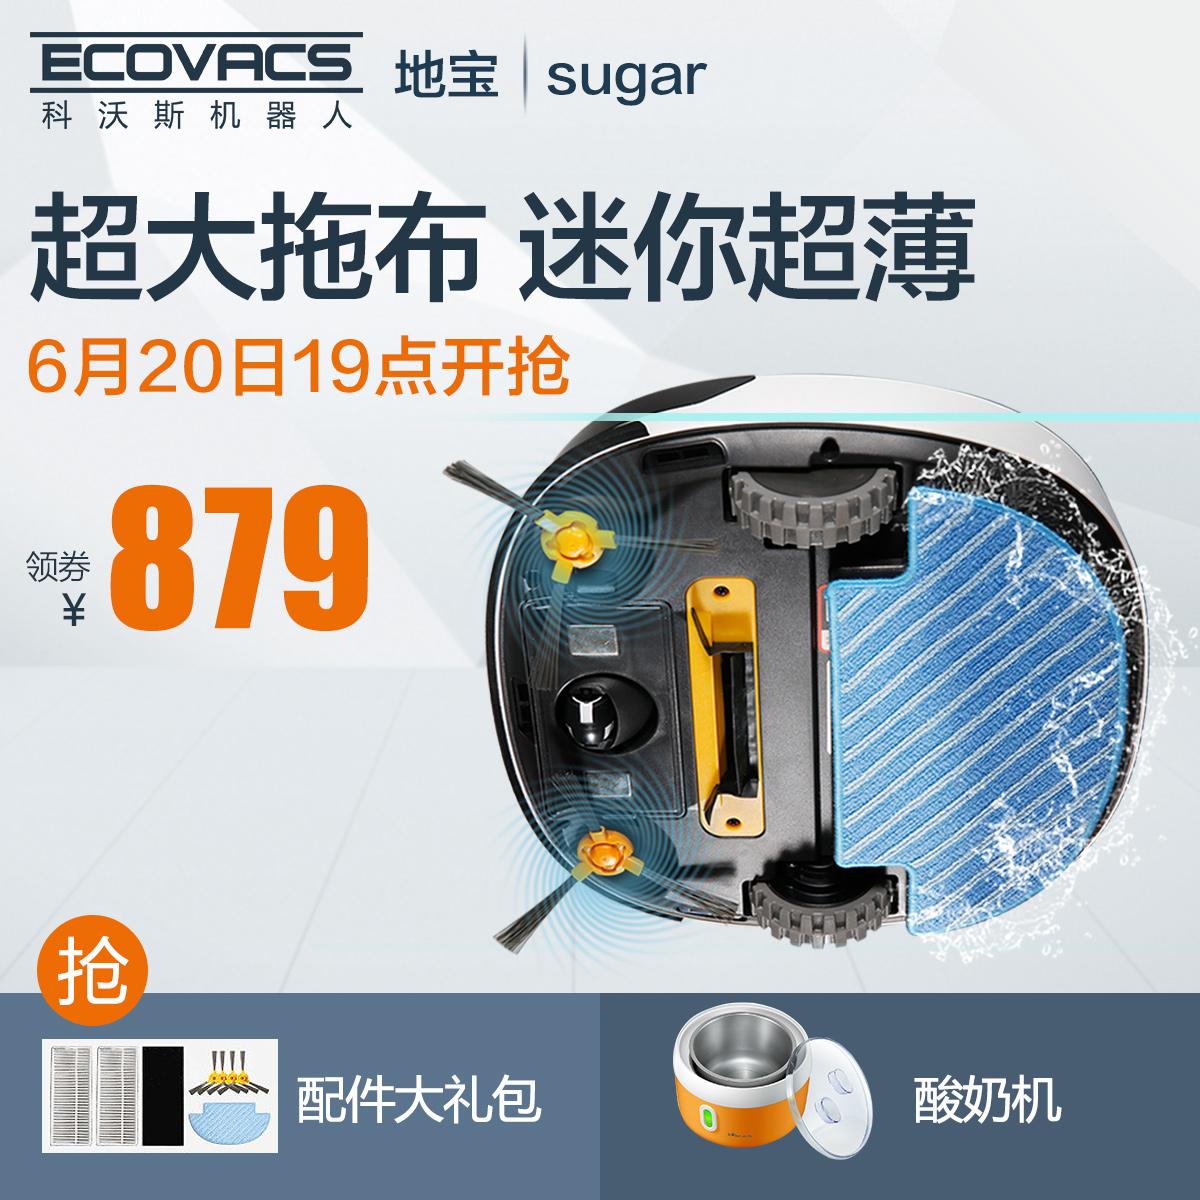 Электрощётка половая Ecovacs 80 Sugar комплект для уборки ecovacs d76